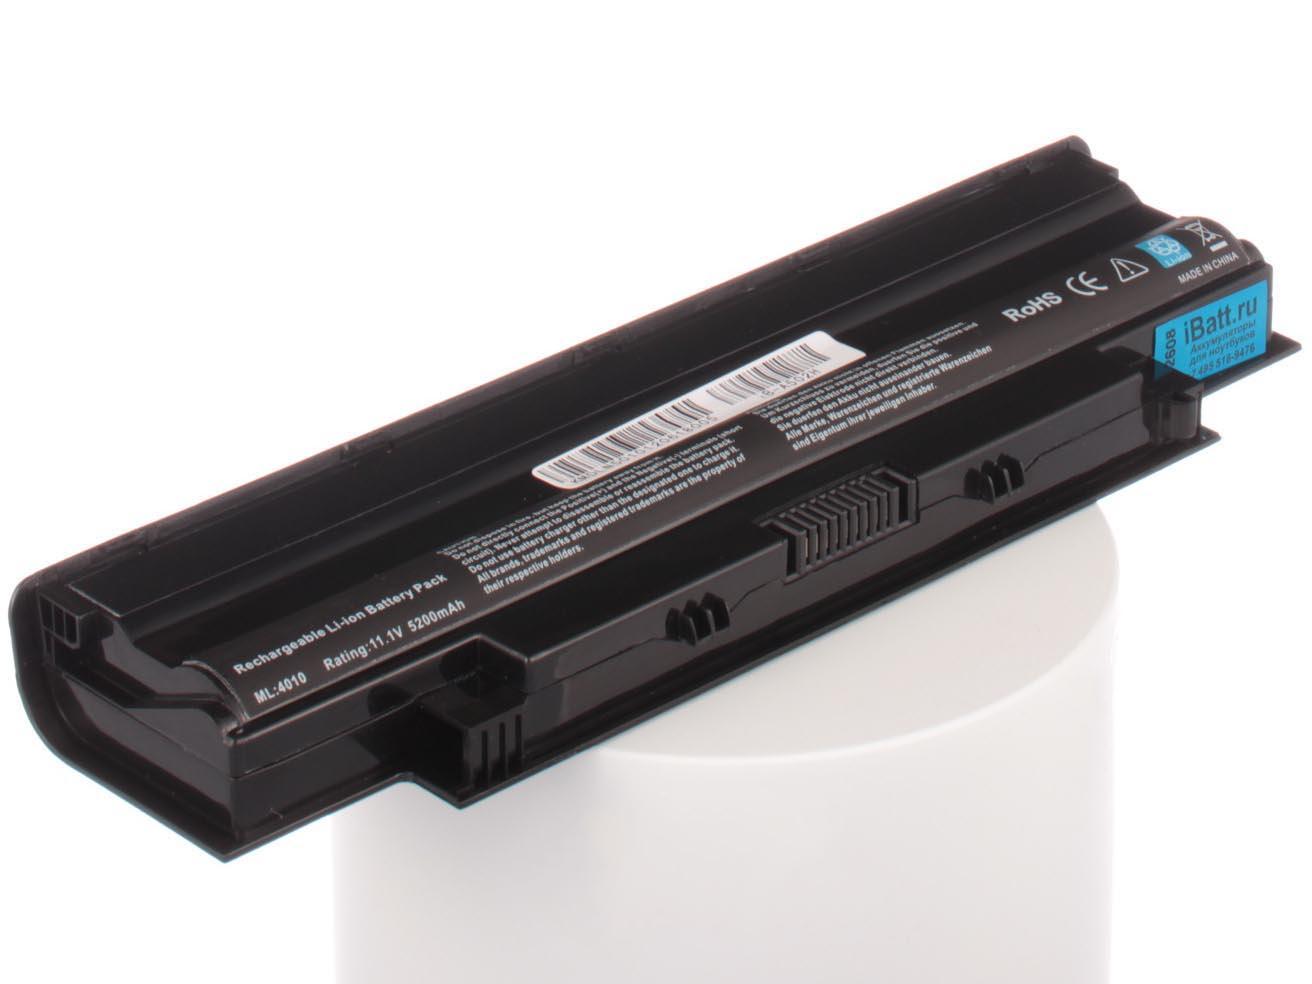 Фото - Аккумулятор для ноутбука iBatt для Dell Inspiron N4110, Inspiron 15R (N5010), Vostro 2500, Vostro 2520, Inspiron 3520-4331, Inspiron M5050, Inspiron 14R (N4010), Inspiron 17R (N7010), Inspiron N3110, Inspiron 15-3520 аккумулятор для ноутбука f287f r988h f287h f286h dell inspiron 1410 vostro a840 a860 vostro 1014 1015 1088 4400mah 10 8v